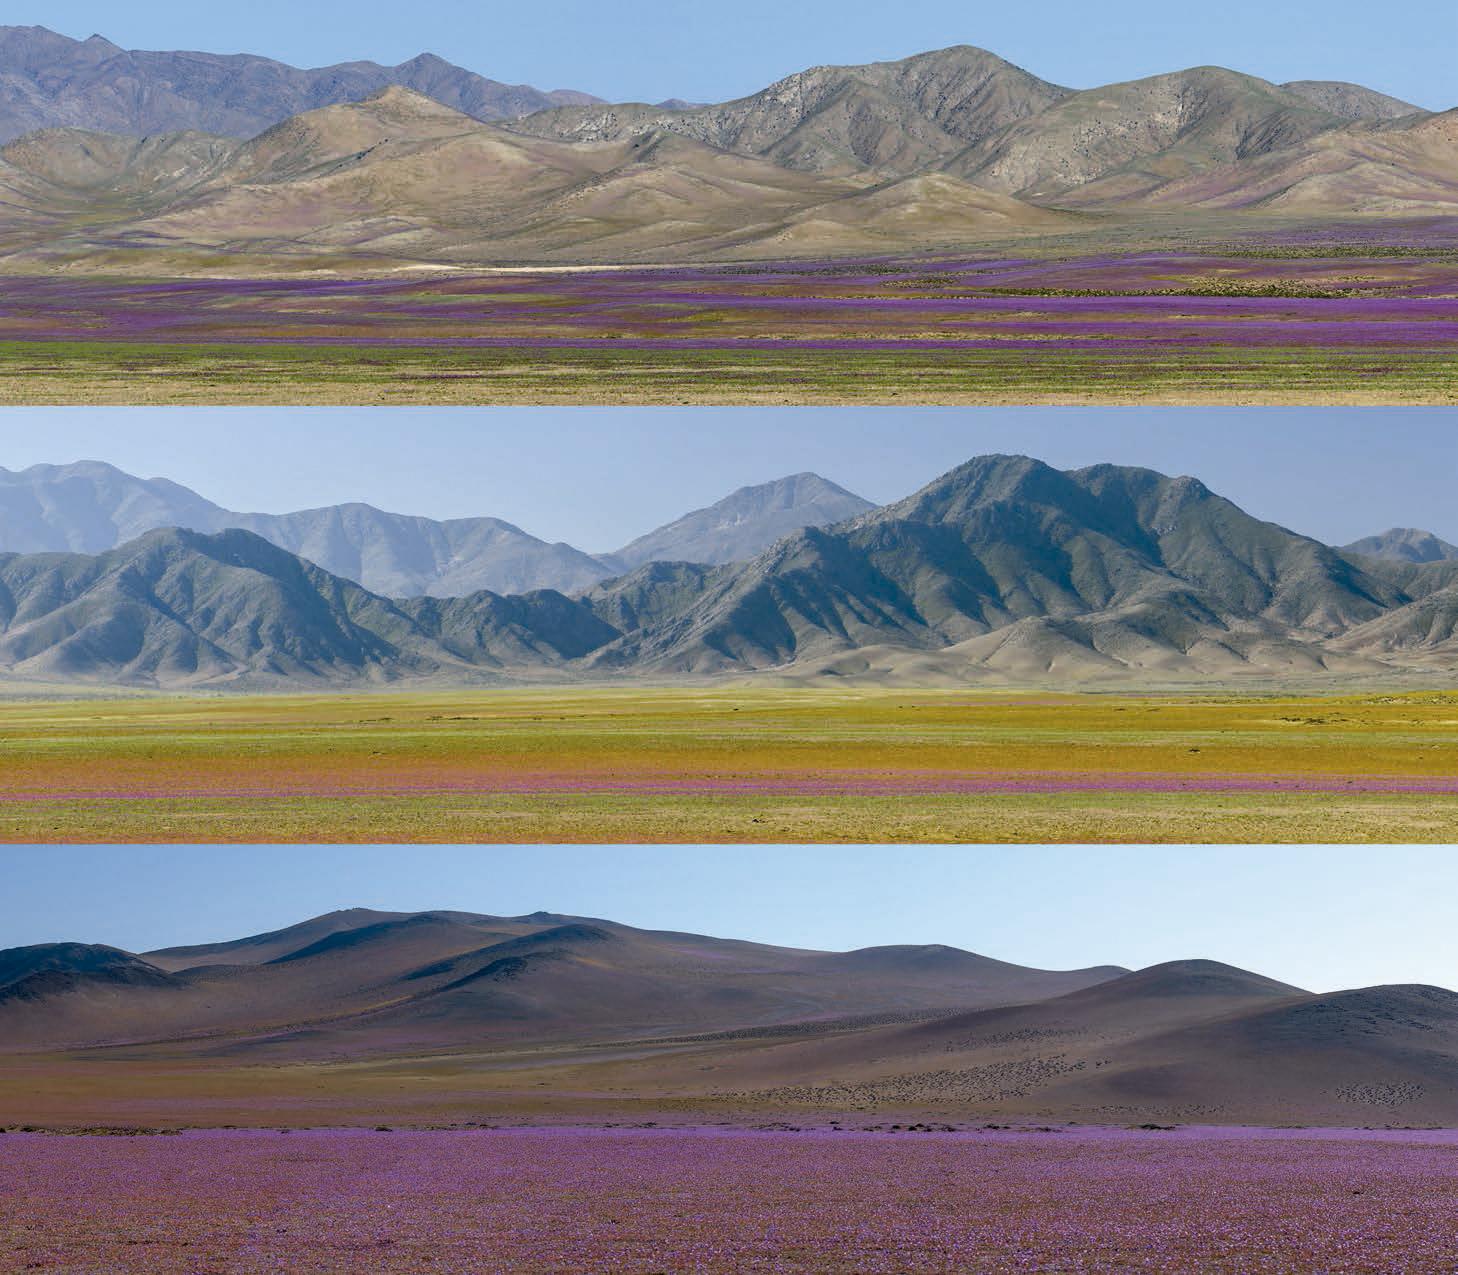 imagen de El 'desierto florido' es uno de los fenómenos más llamativos que suceden en Atacama. Solo algunos años, y en zonas diferentes, la superficie se transforma en un campo de flores de distintas especies que dura varios meses. / Gerhard Hüdepohl